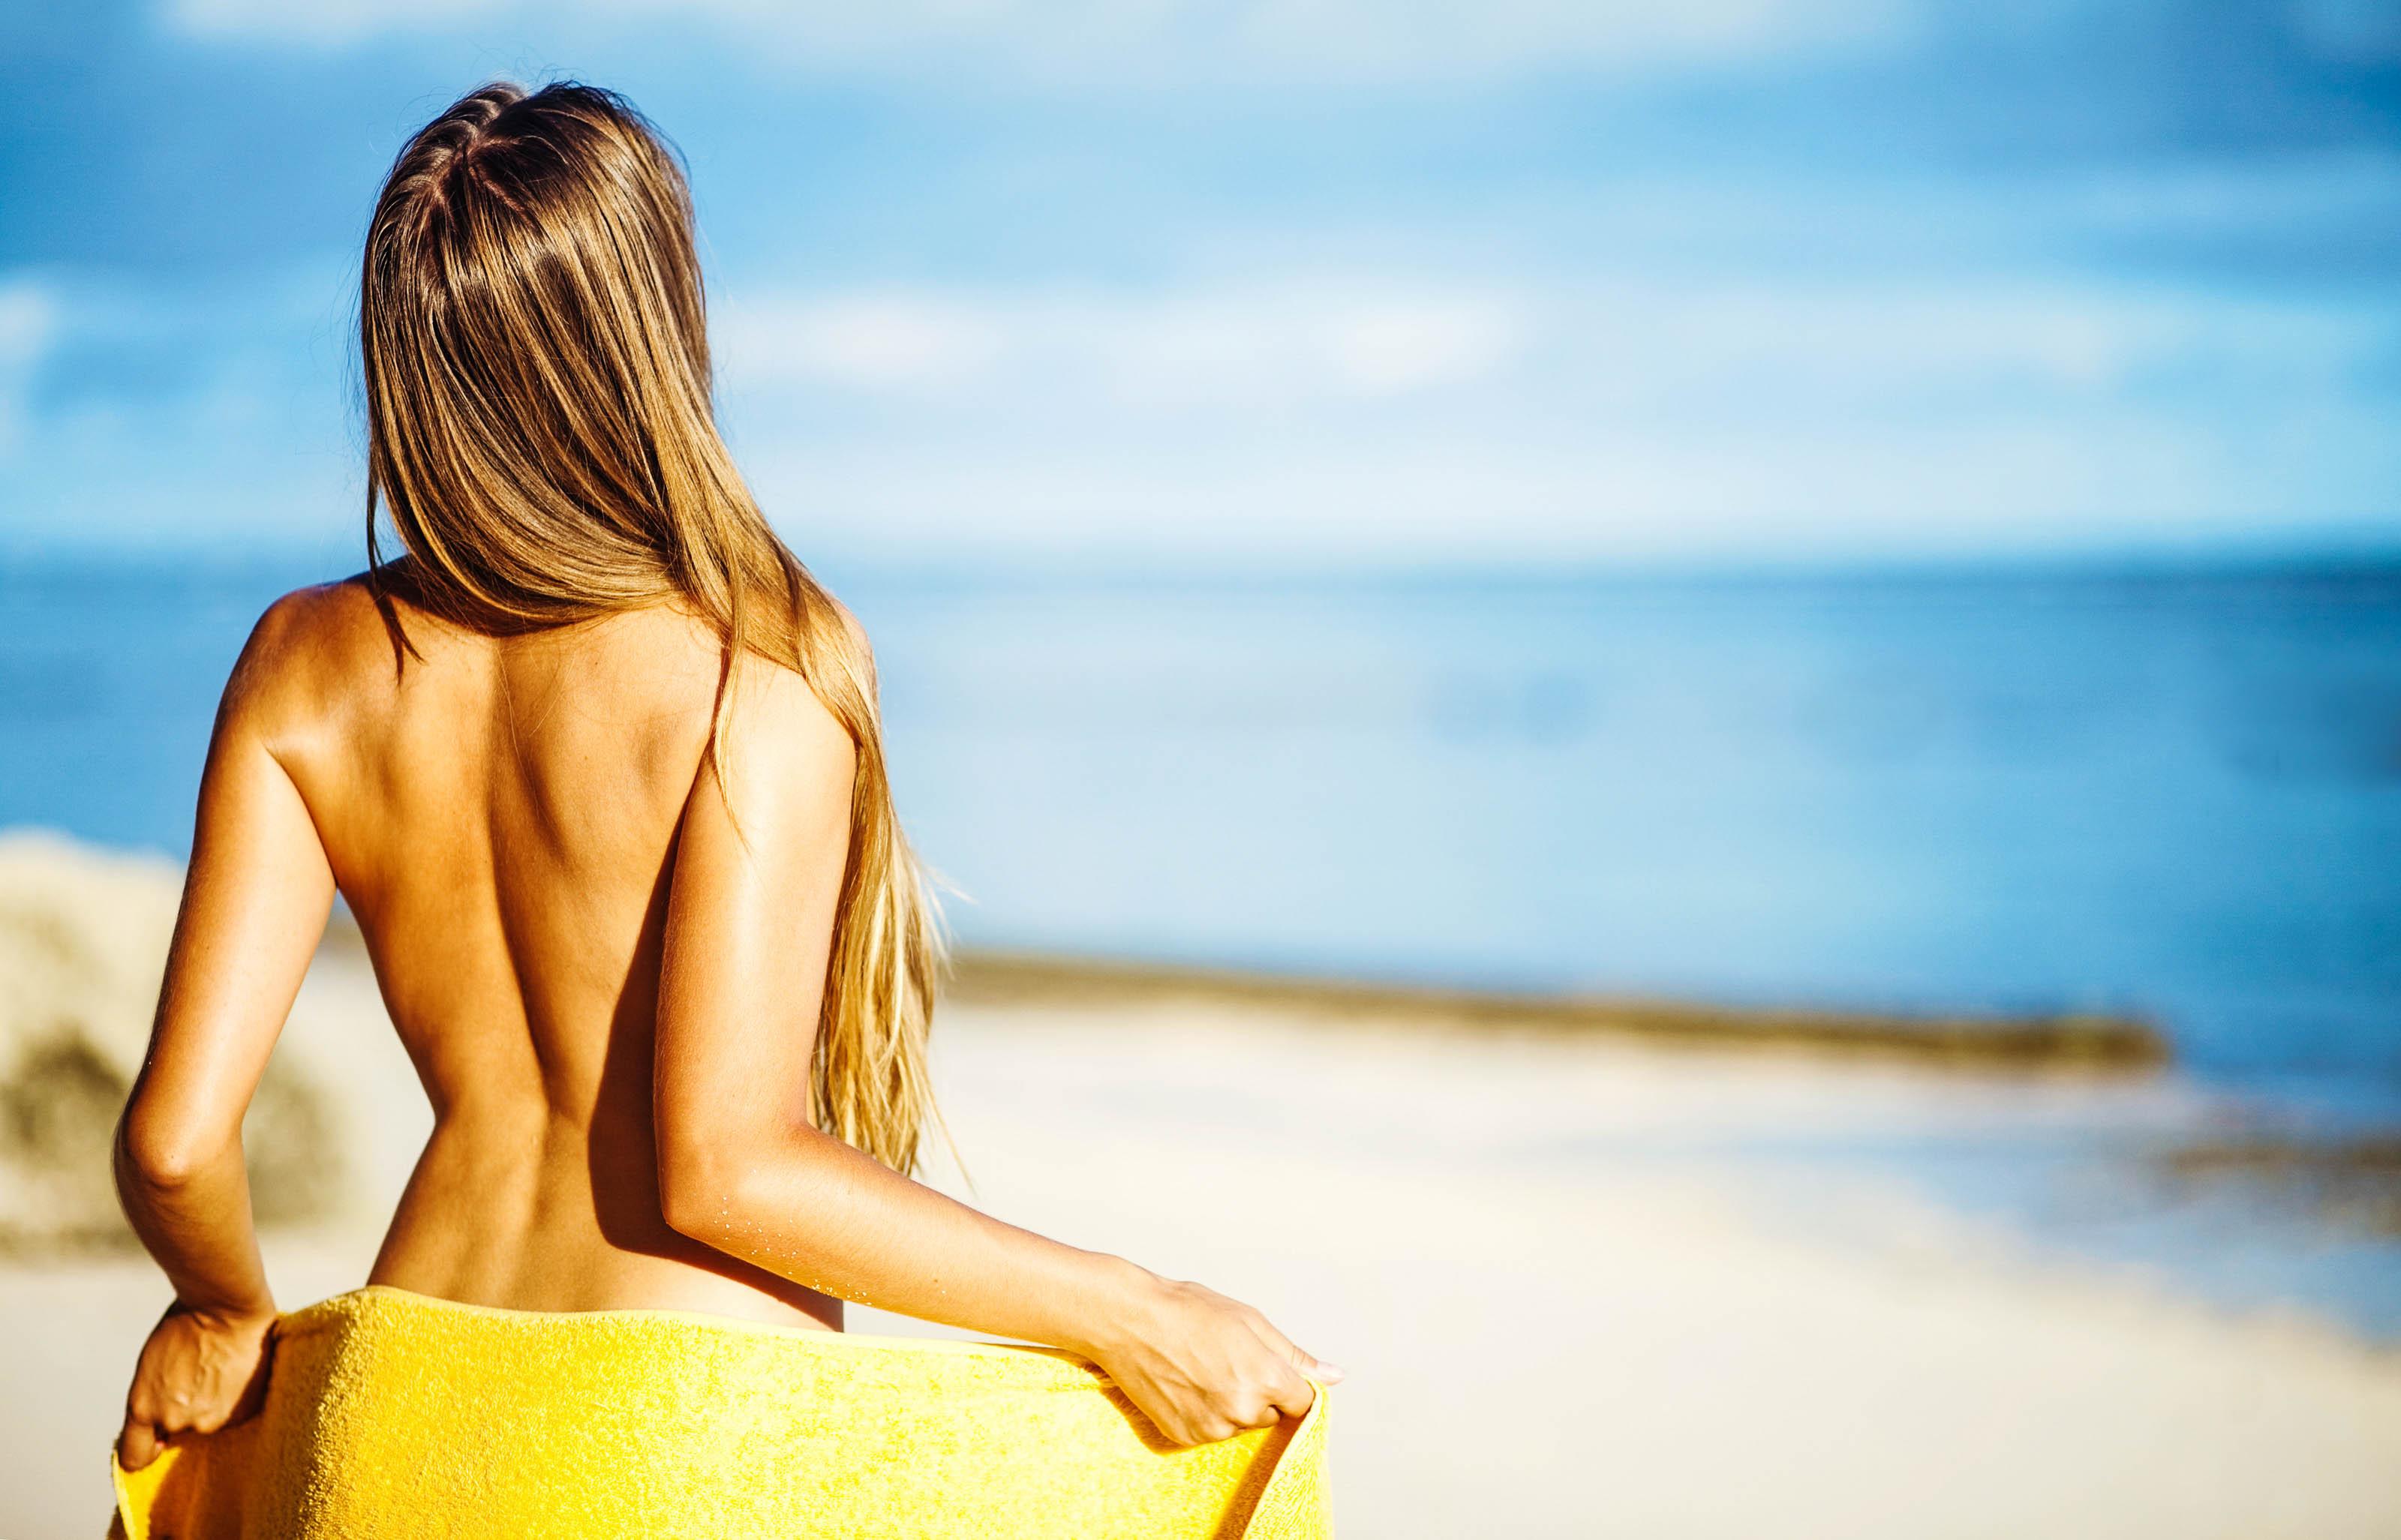 die besten FKK Hotels weltweit, Frau, Strand, nackt